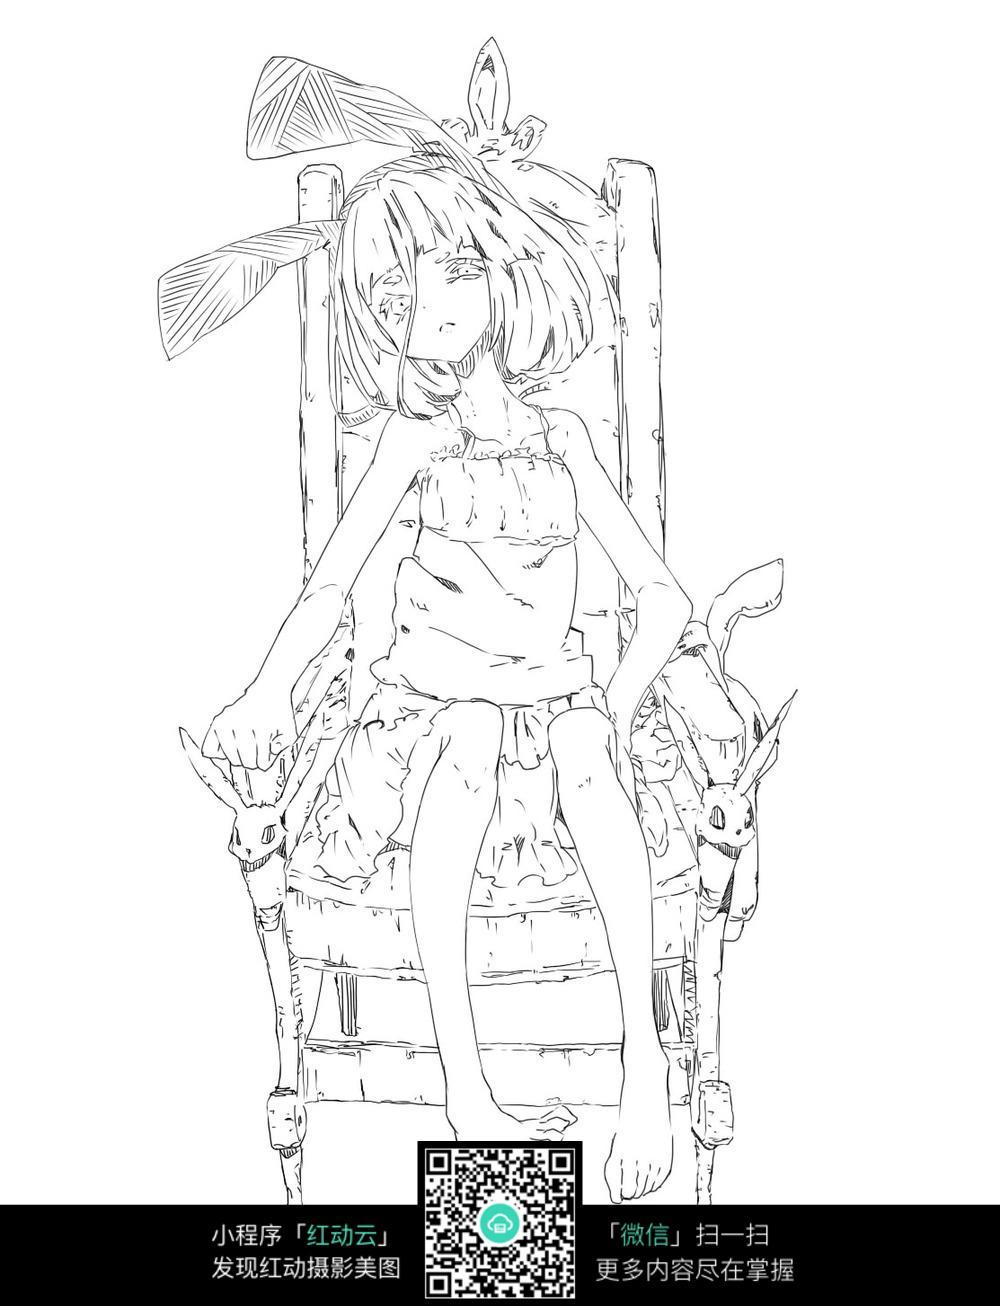 坐在椅子上的小女孩插画